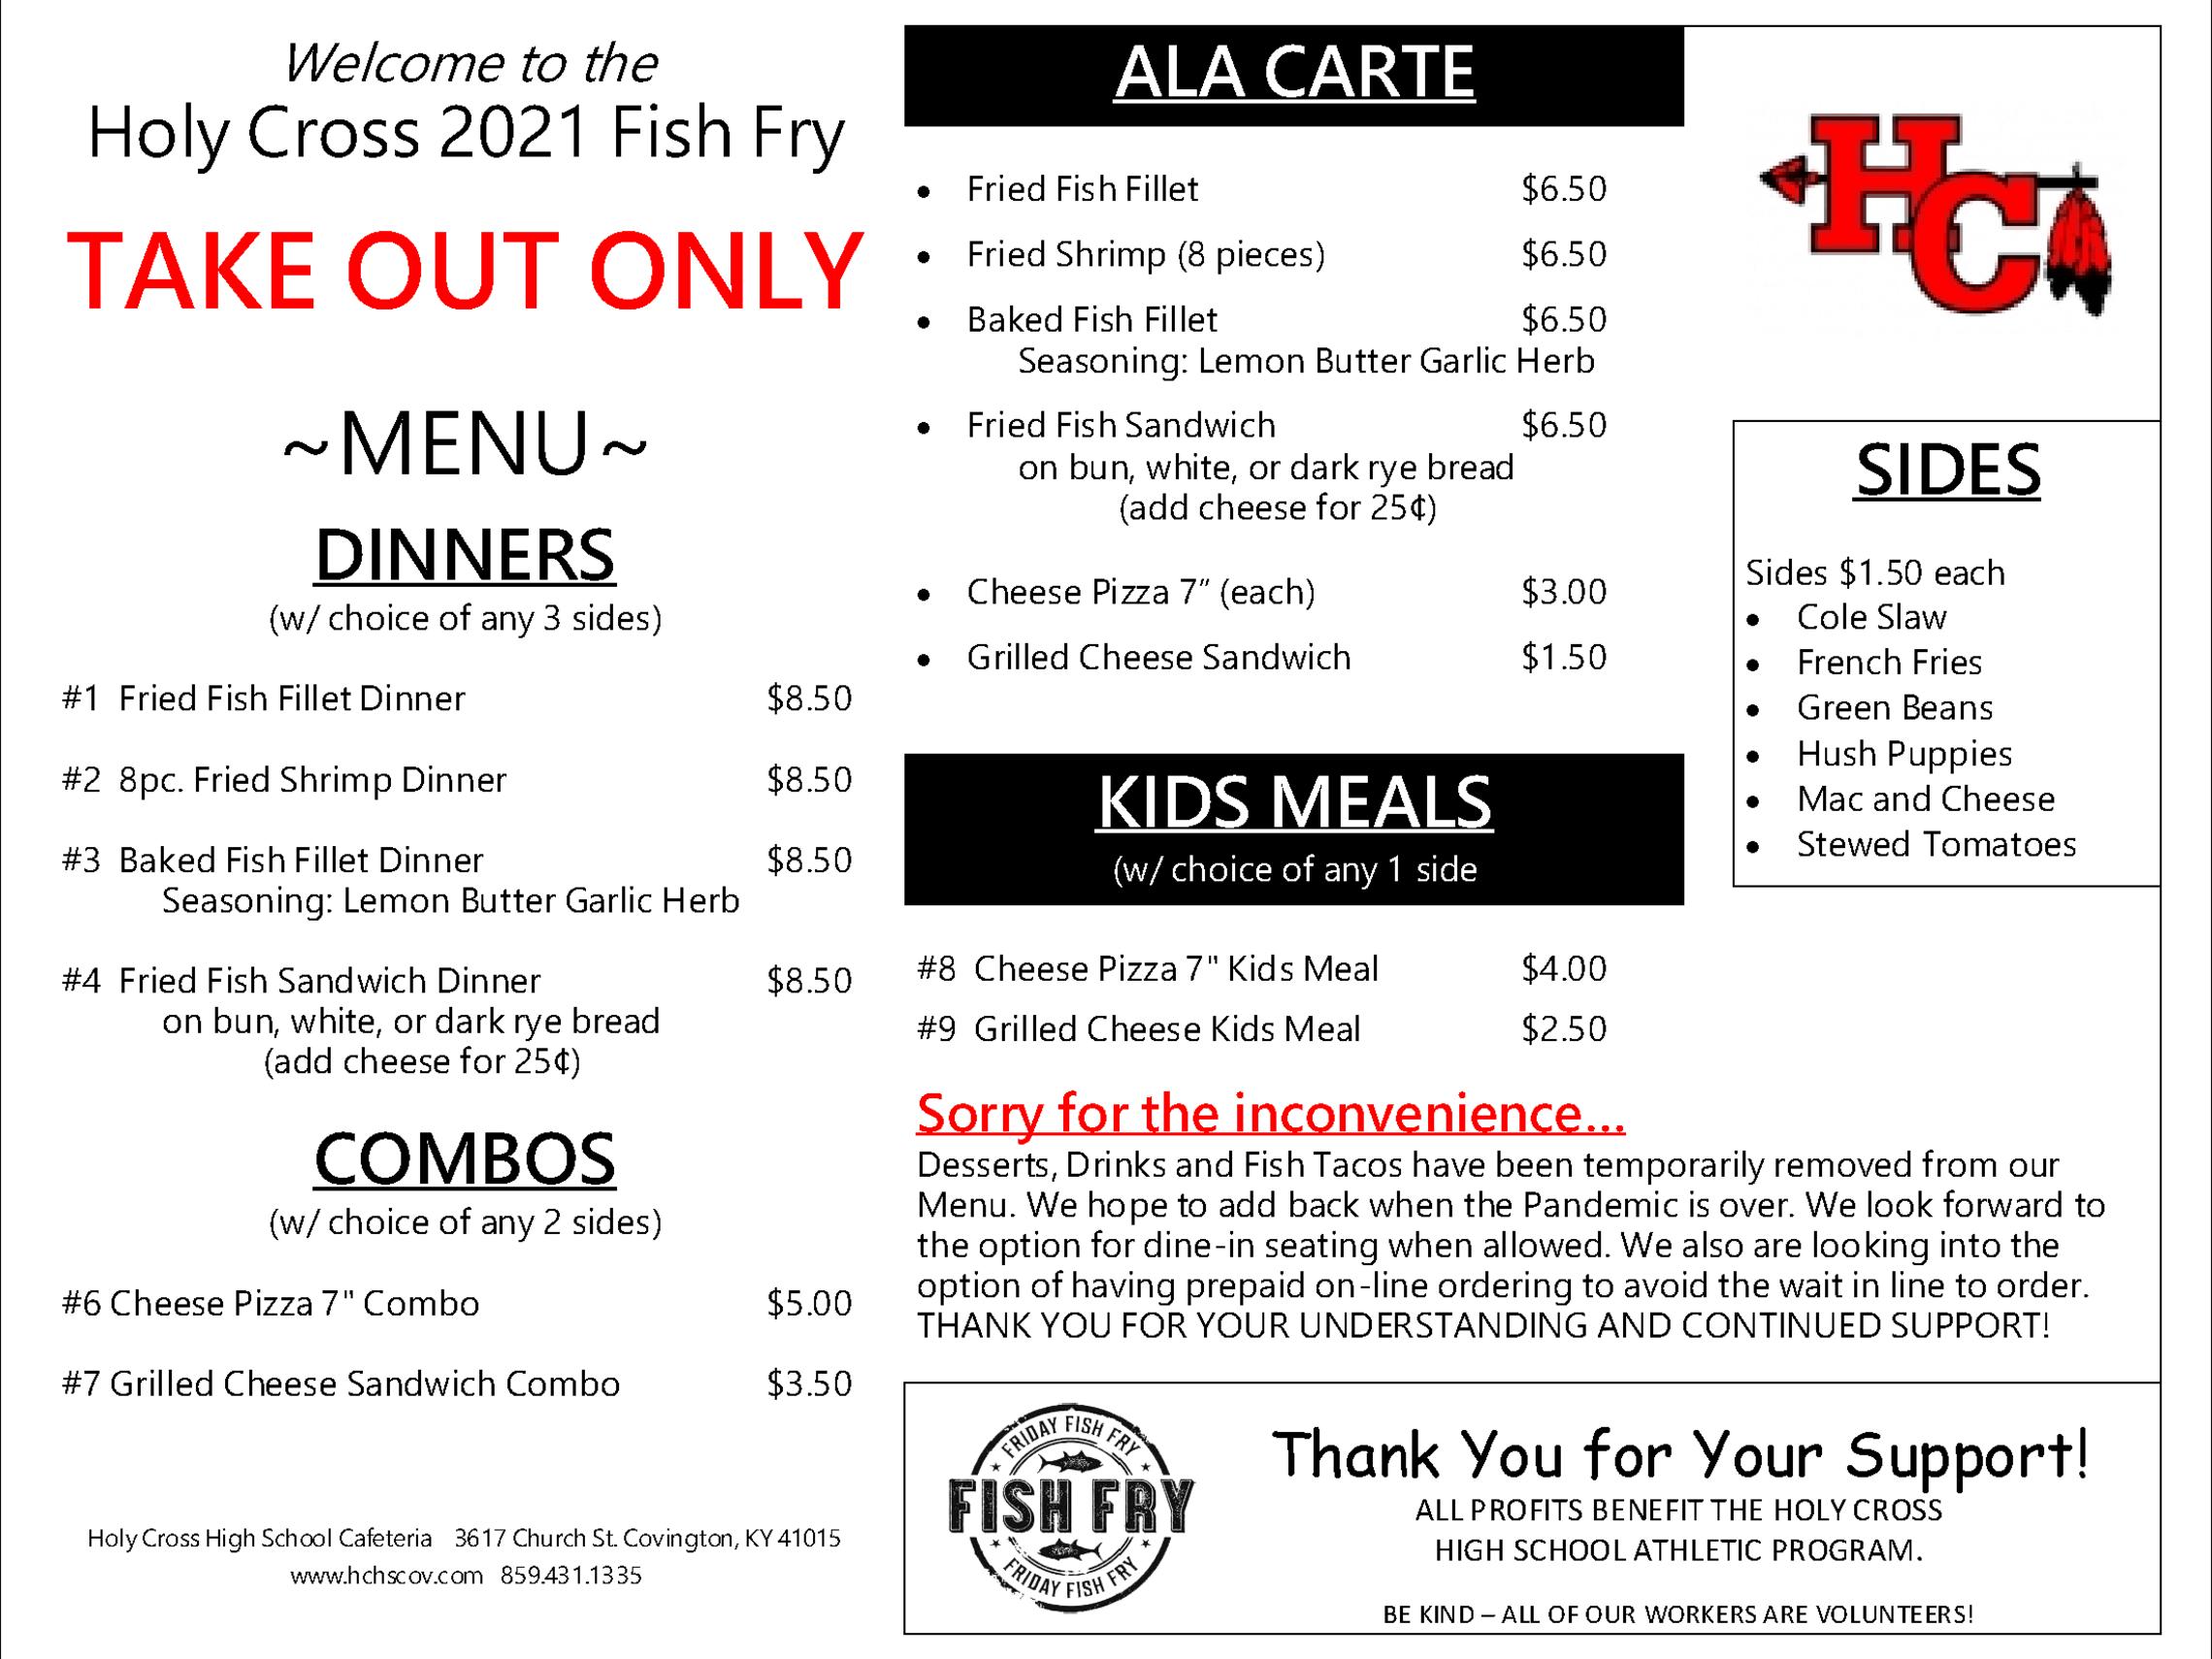 Hc Fish Fry 2021 Take Out Menu